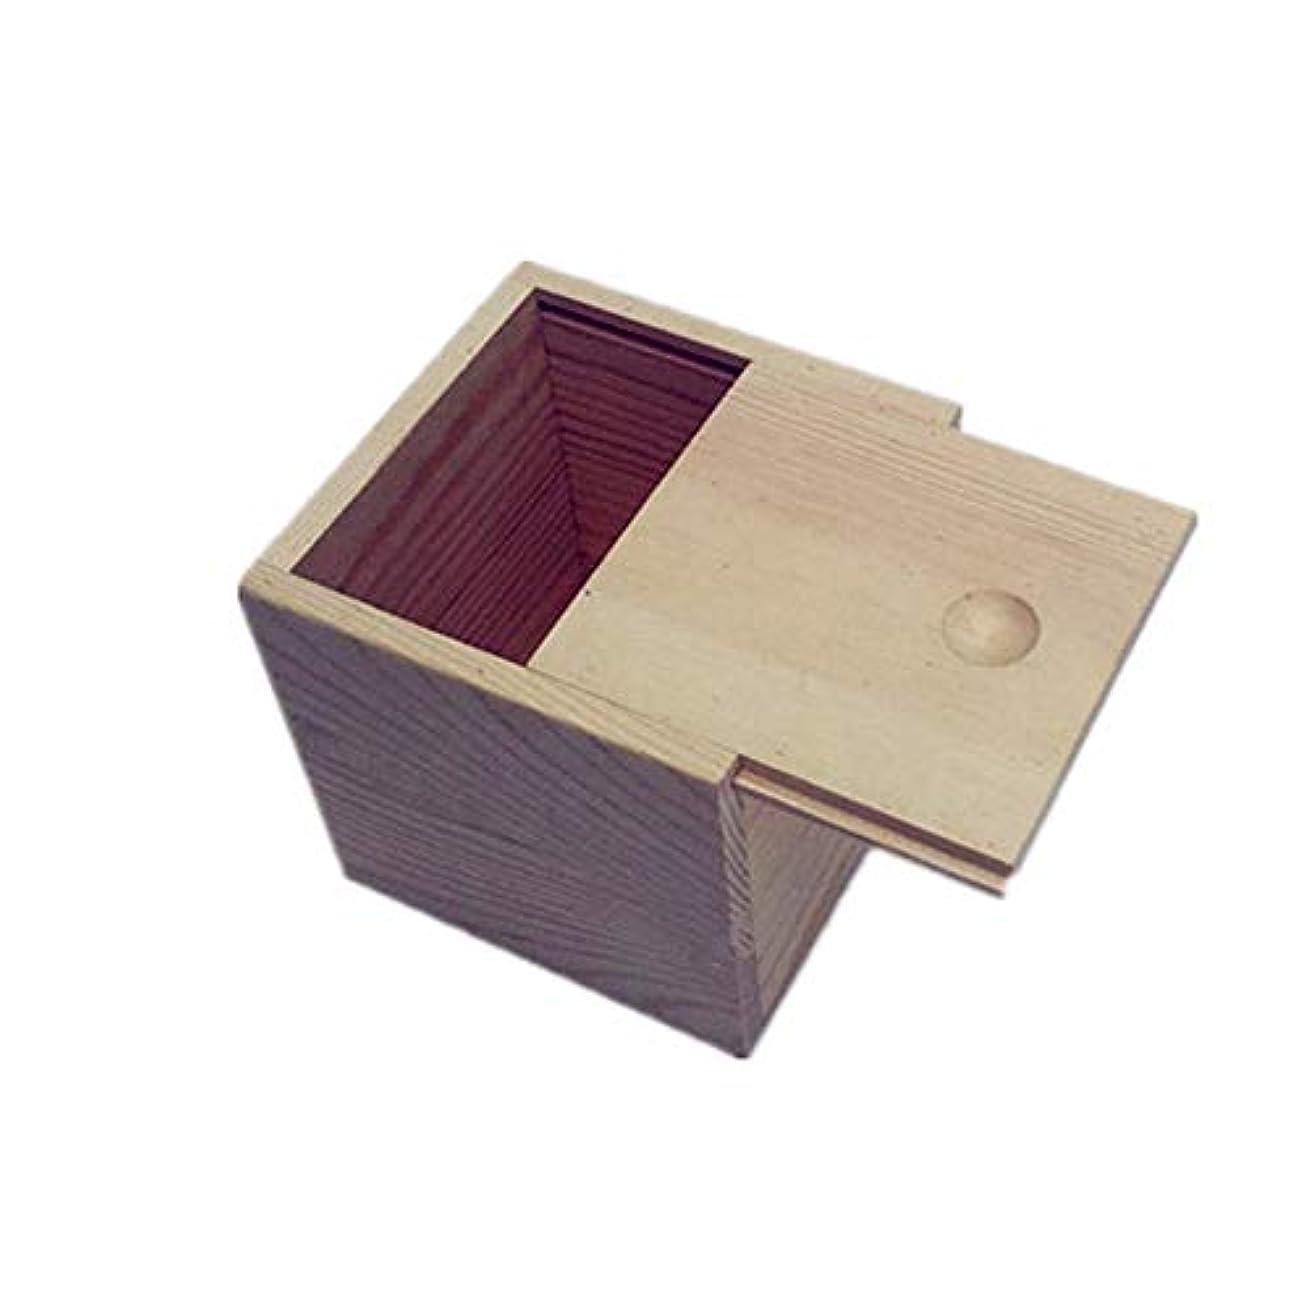 カンガルー承認症候群木製のエッセンシャルオイルストレージボックス安全なスペースセーバーあなたの油を維持するためのベスト アロマセラピー製品 (色 : Natural, サイズ : 9X9X5CM)